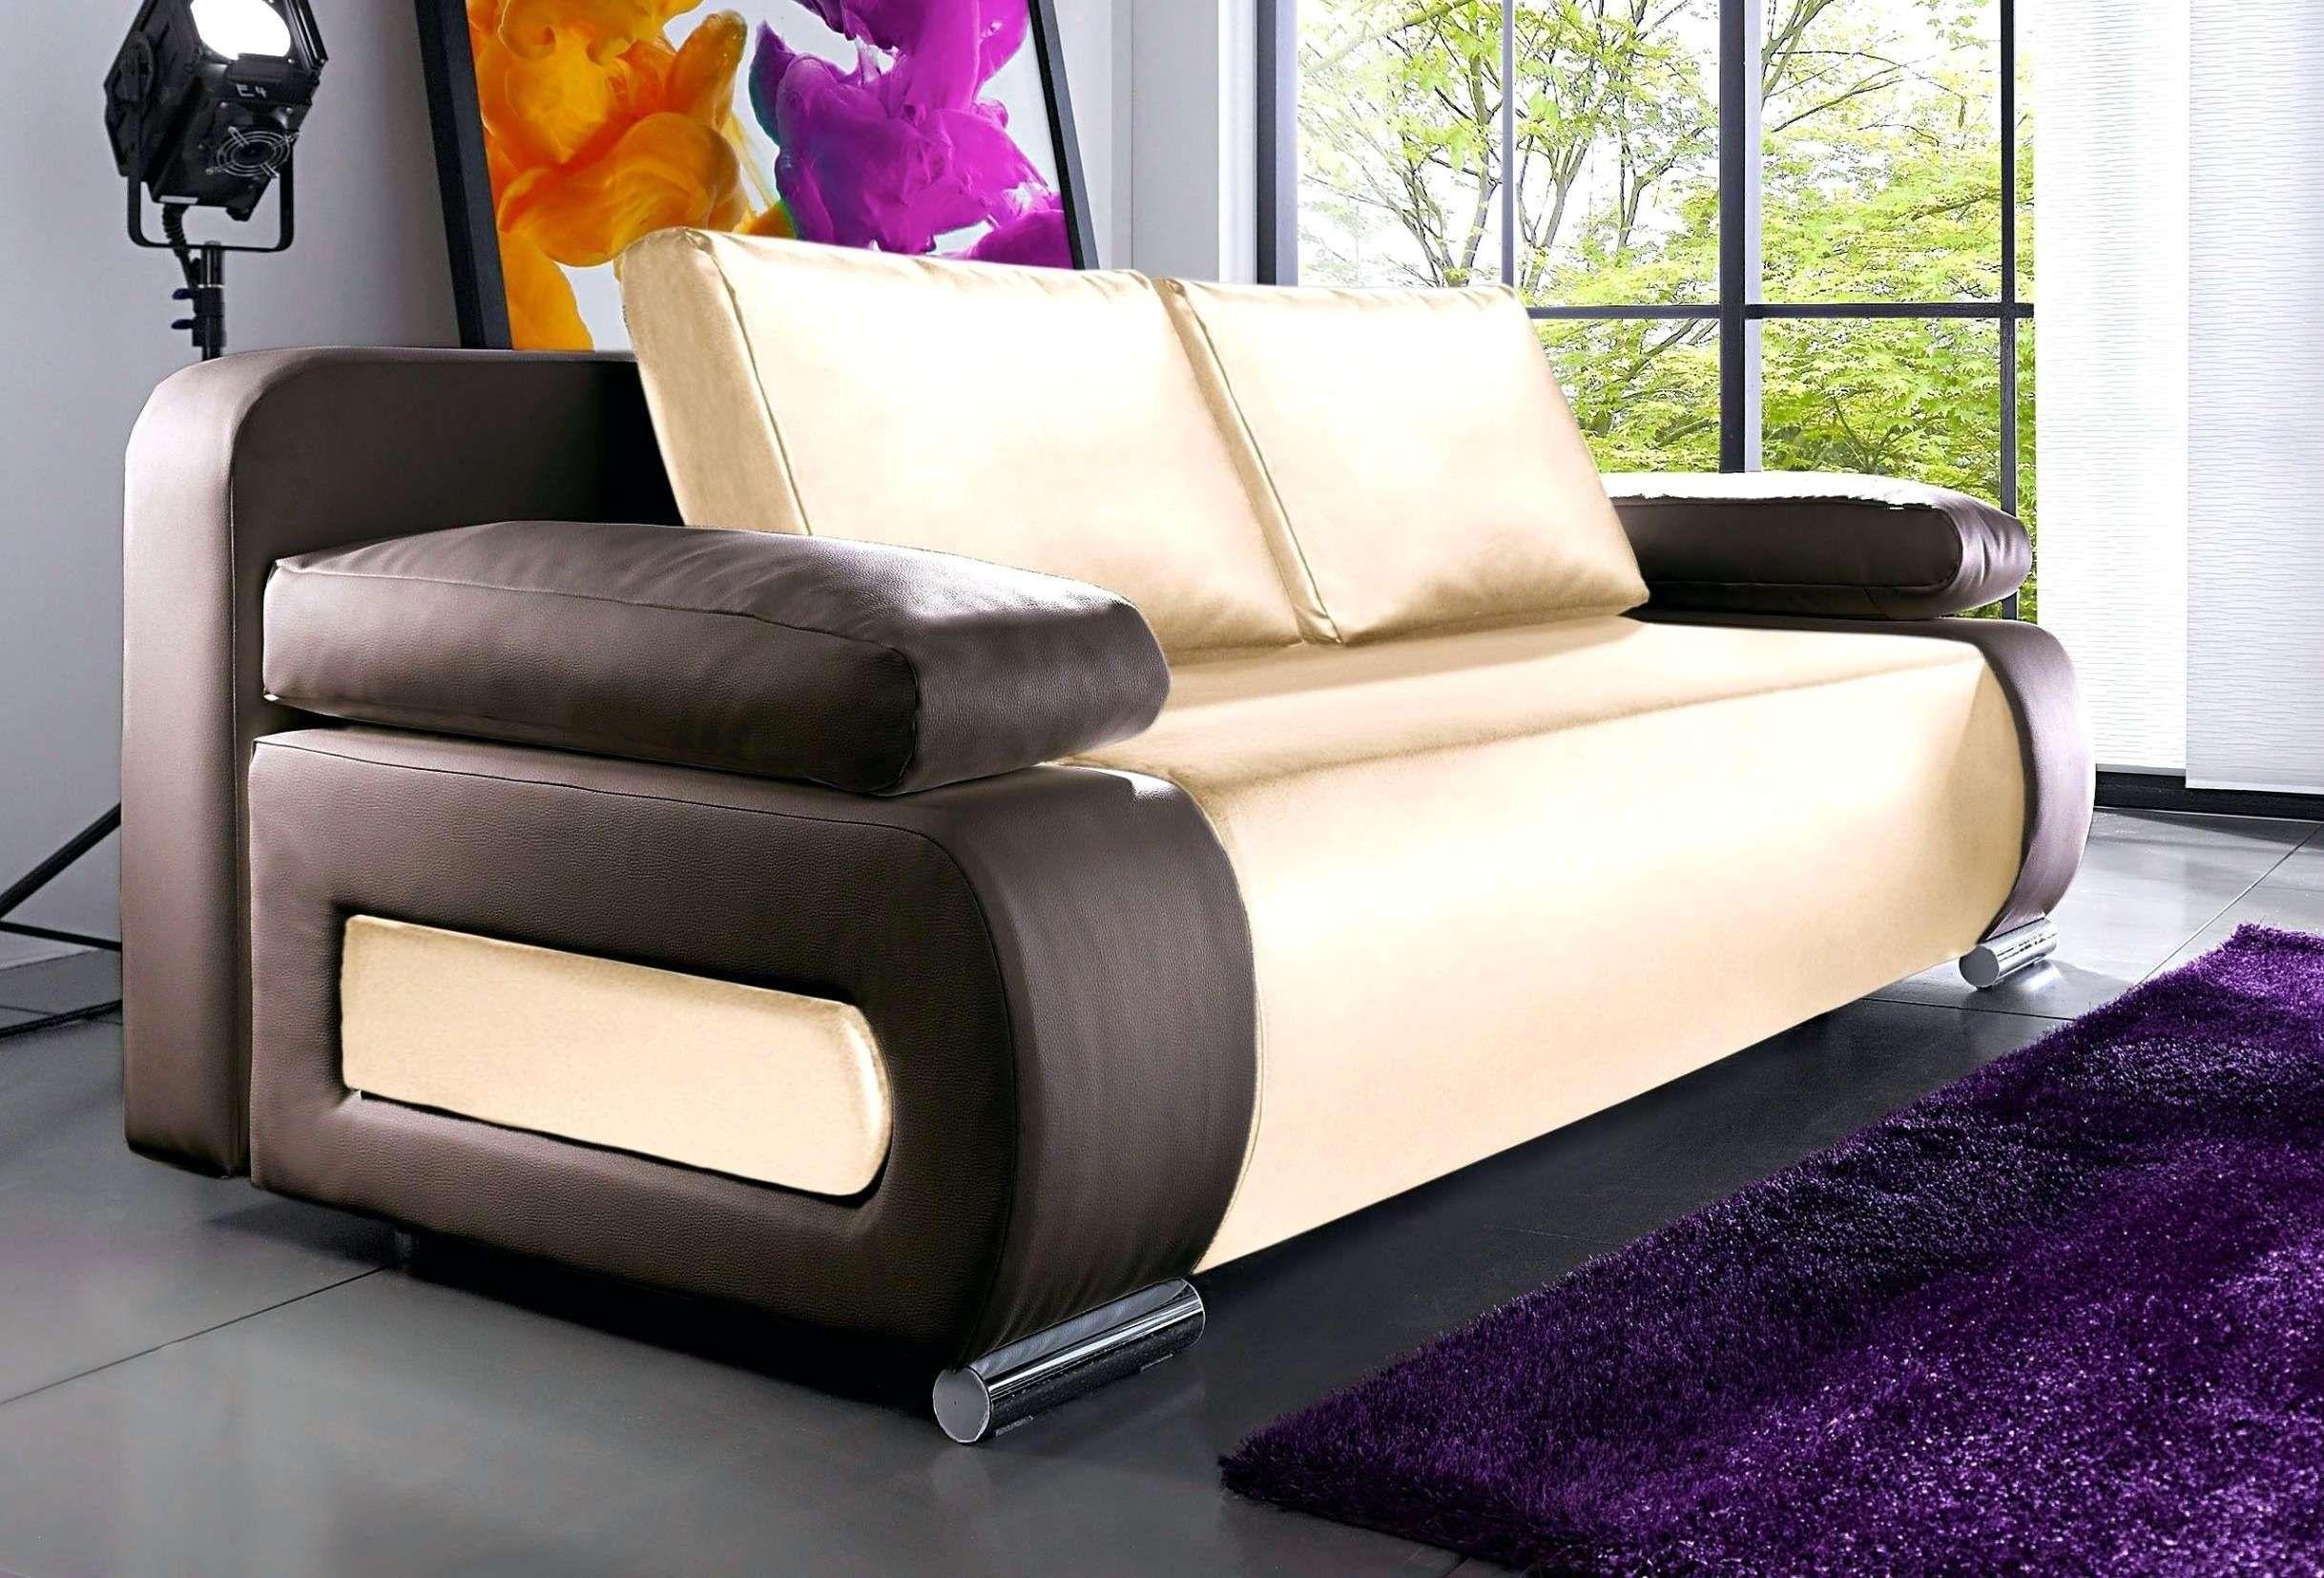 Sofa Mit Bettkasten Und Schlaffunktion Eckbettsofa Mit Bettkasten Luxus 33 Neu Led In 2020 Formal Living Room Furniture Purple Living Room Furniture Purple Living Room #no #sofa #living #room